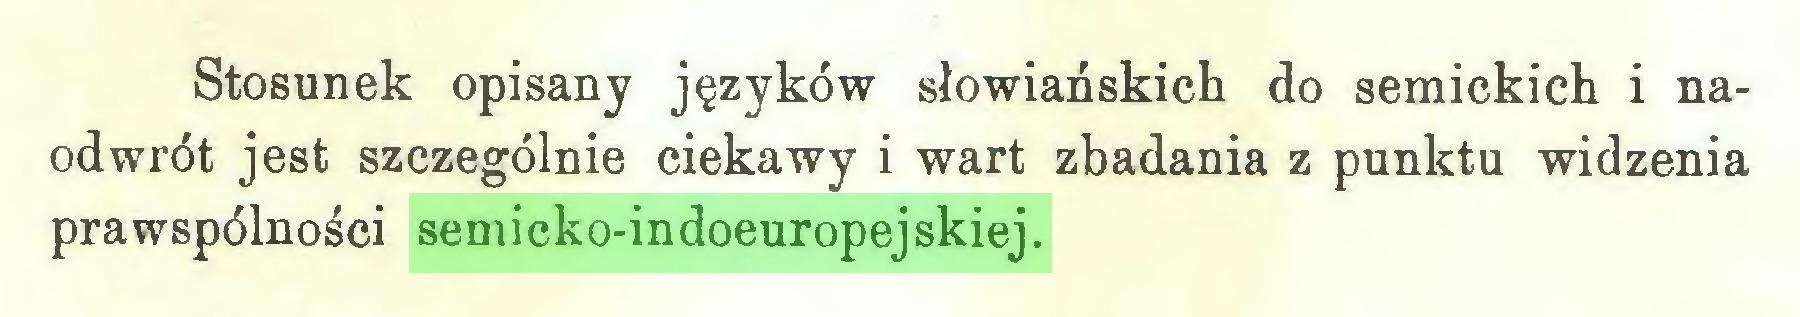 (...) Stosunek opisany języków słowiańskich do semickich i naodwrót jest szczególnie ciekawy i wart zbadania z punktu widzenia prawspólności semicko-indoeuropejskiej...